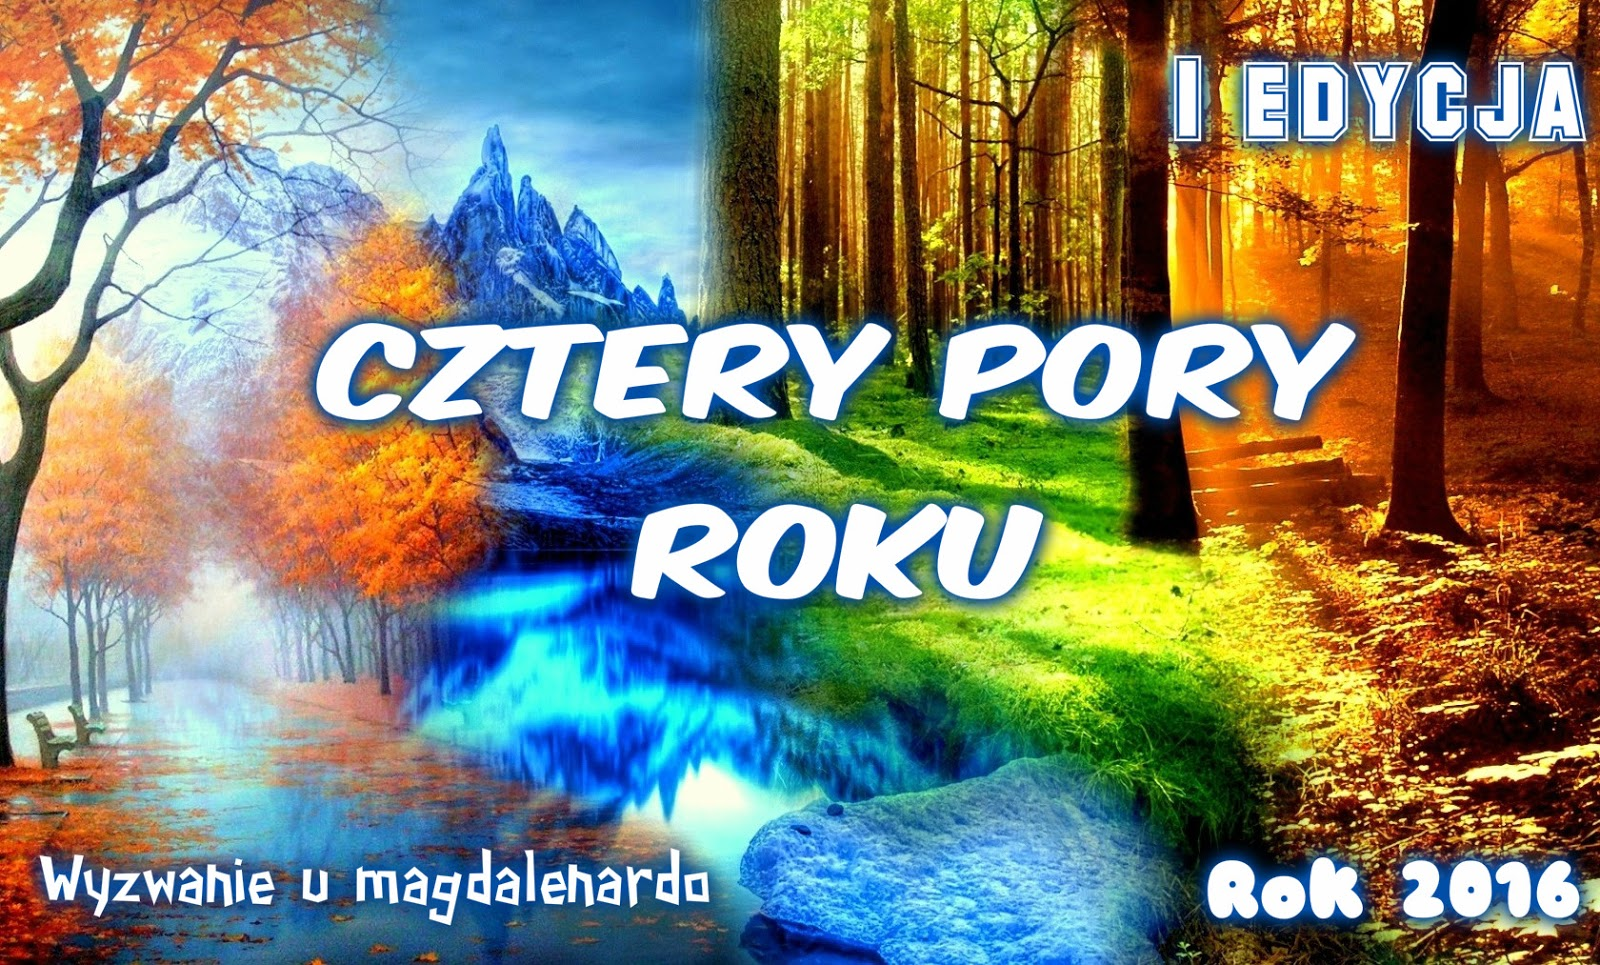 http://biblioteczkamagdalenardo.blogspot.com/p/kochani-od-lipca-siedzi-w-mojej-gowie.html